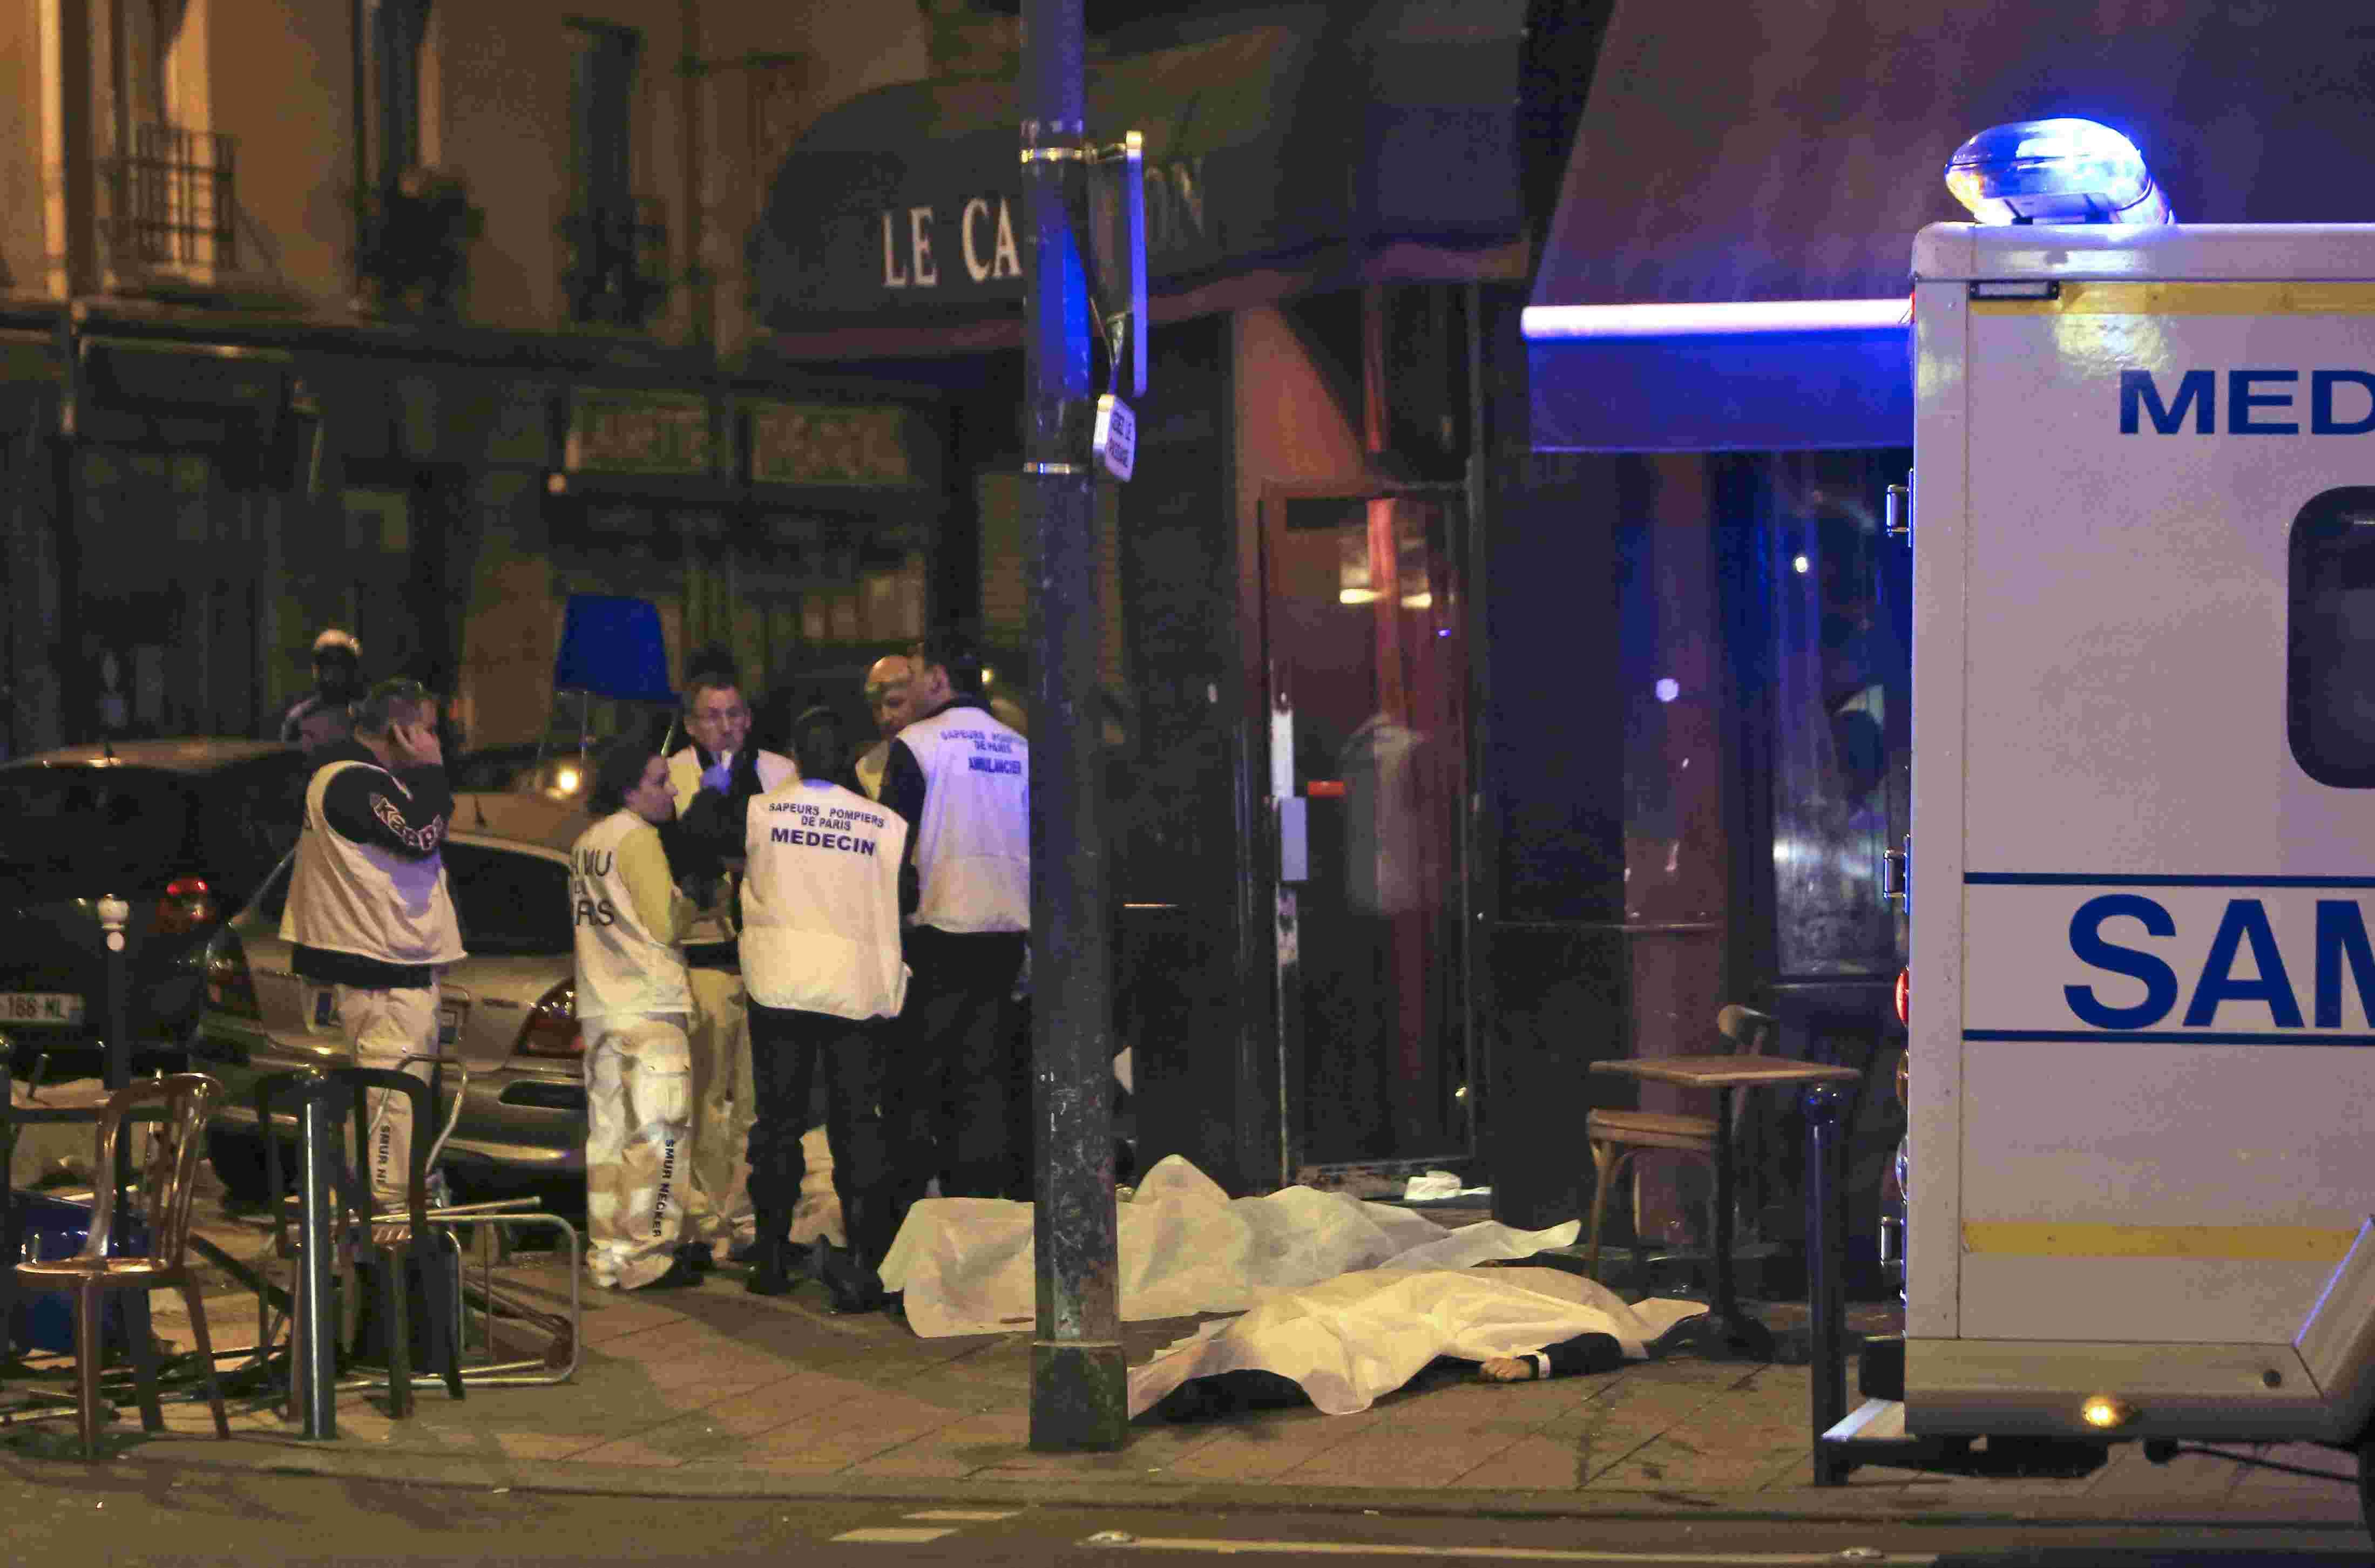 从巴黎的恐怖事件中,看中东问题,【原创】 - kkk20088 - kkk20088的博客